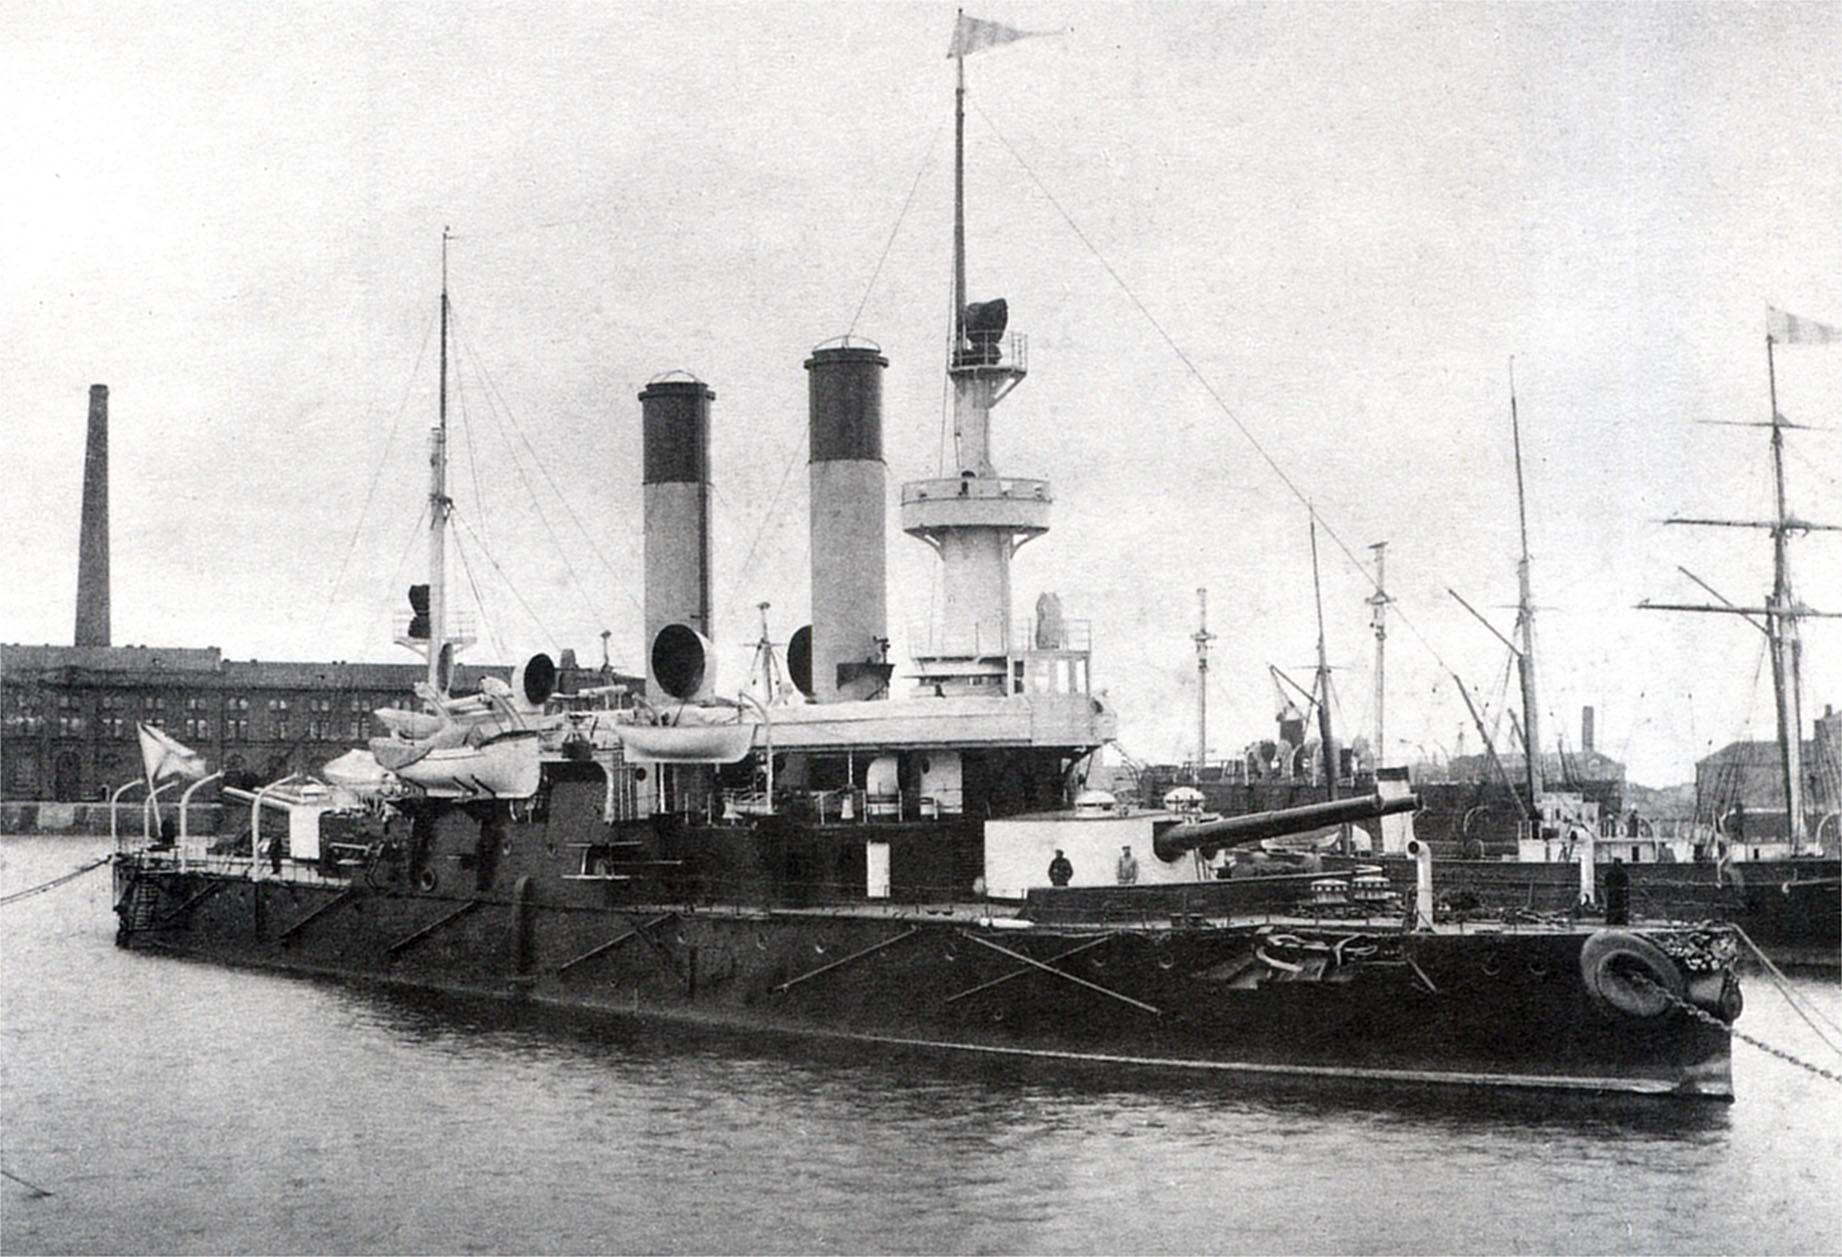 AdmiralUshakov1897Kronstadt.jpg